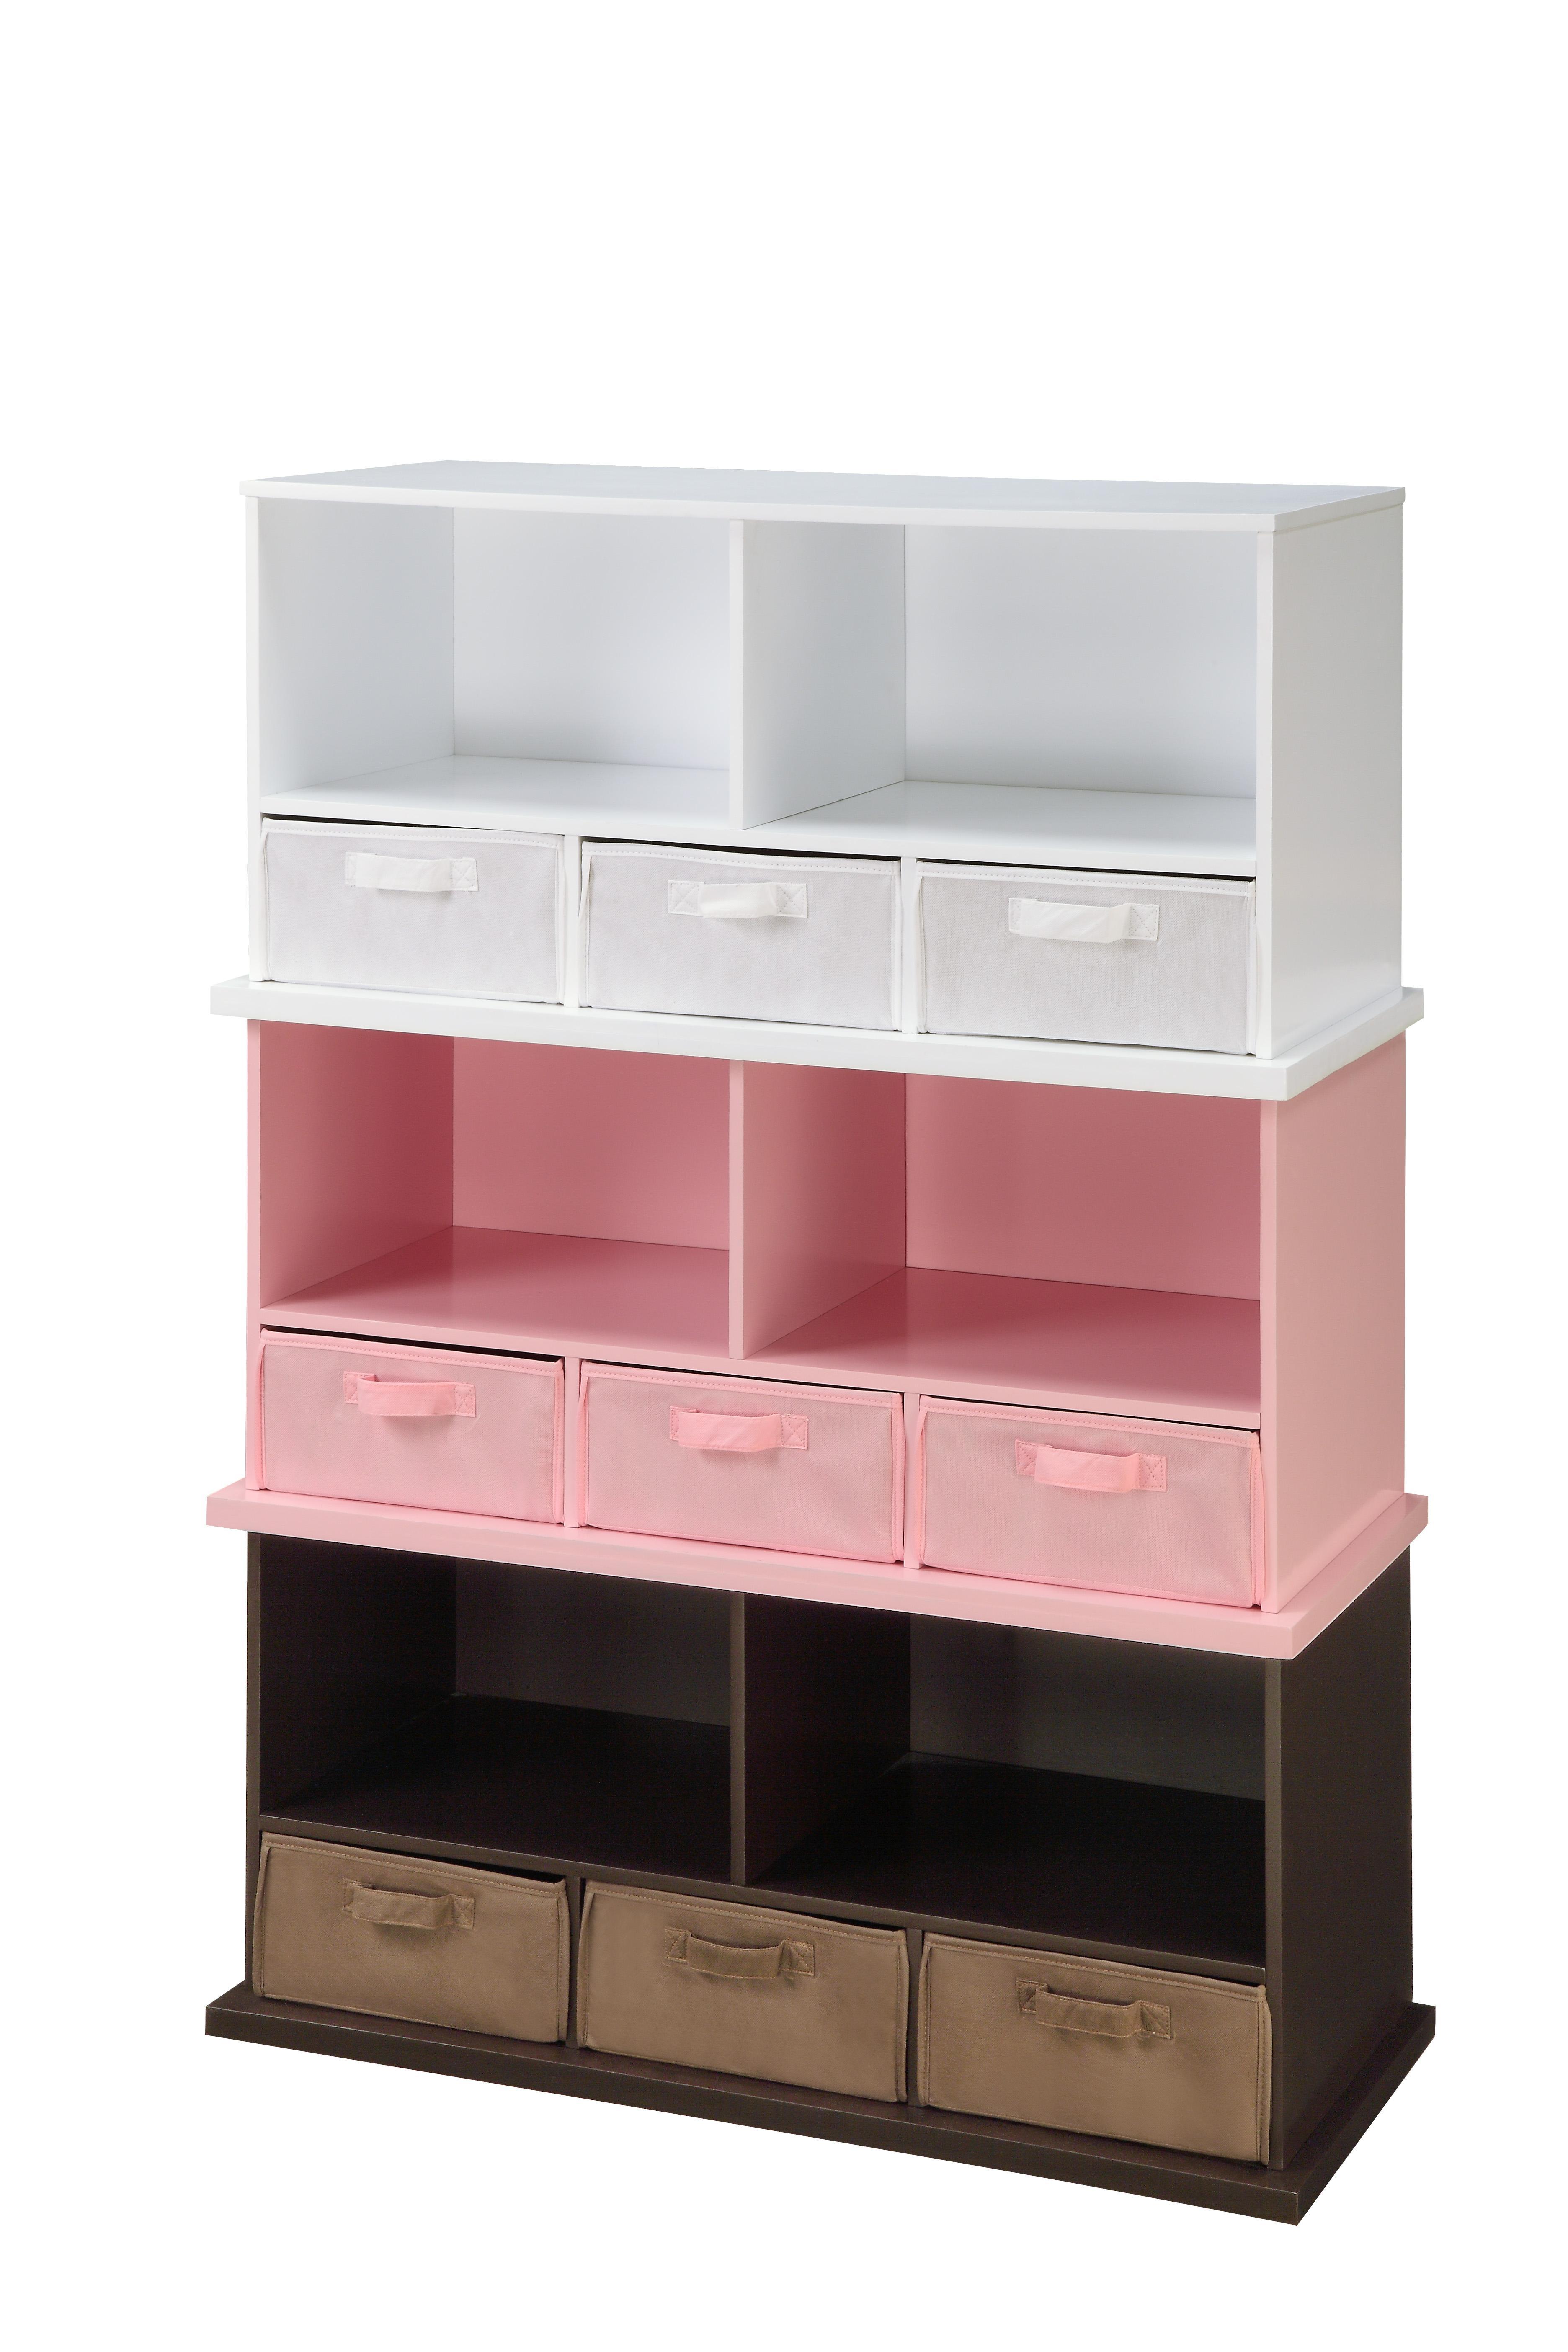 Badger basket stackable storage shelf by oj commerce 77 - Stackable 20desk 20organizer ...